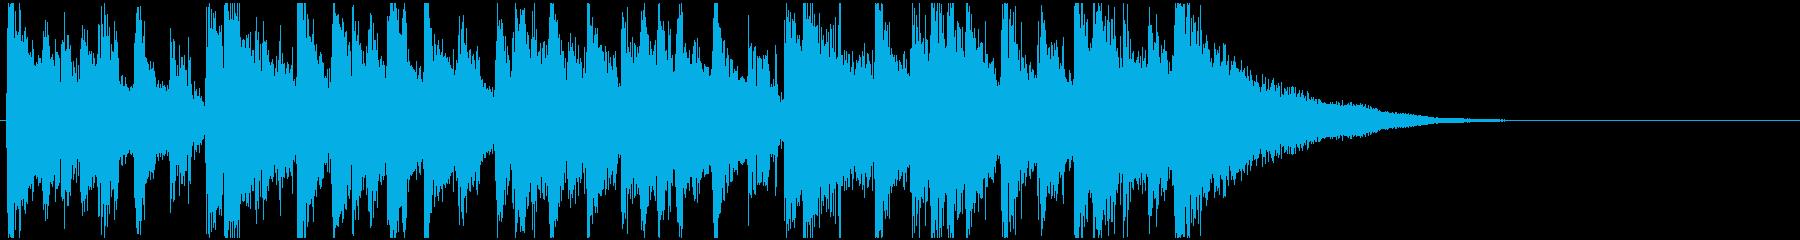 生演奏 ボサノバギター おしゃれ 落着きの再生済みの波形